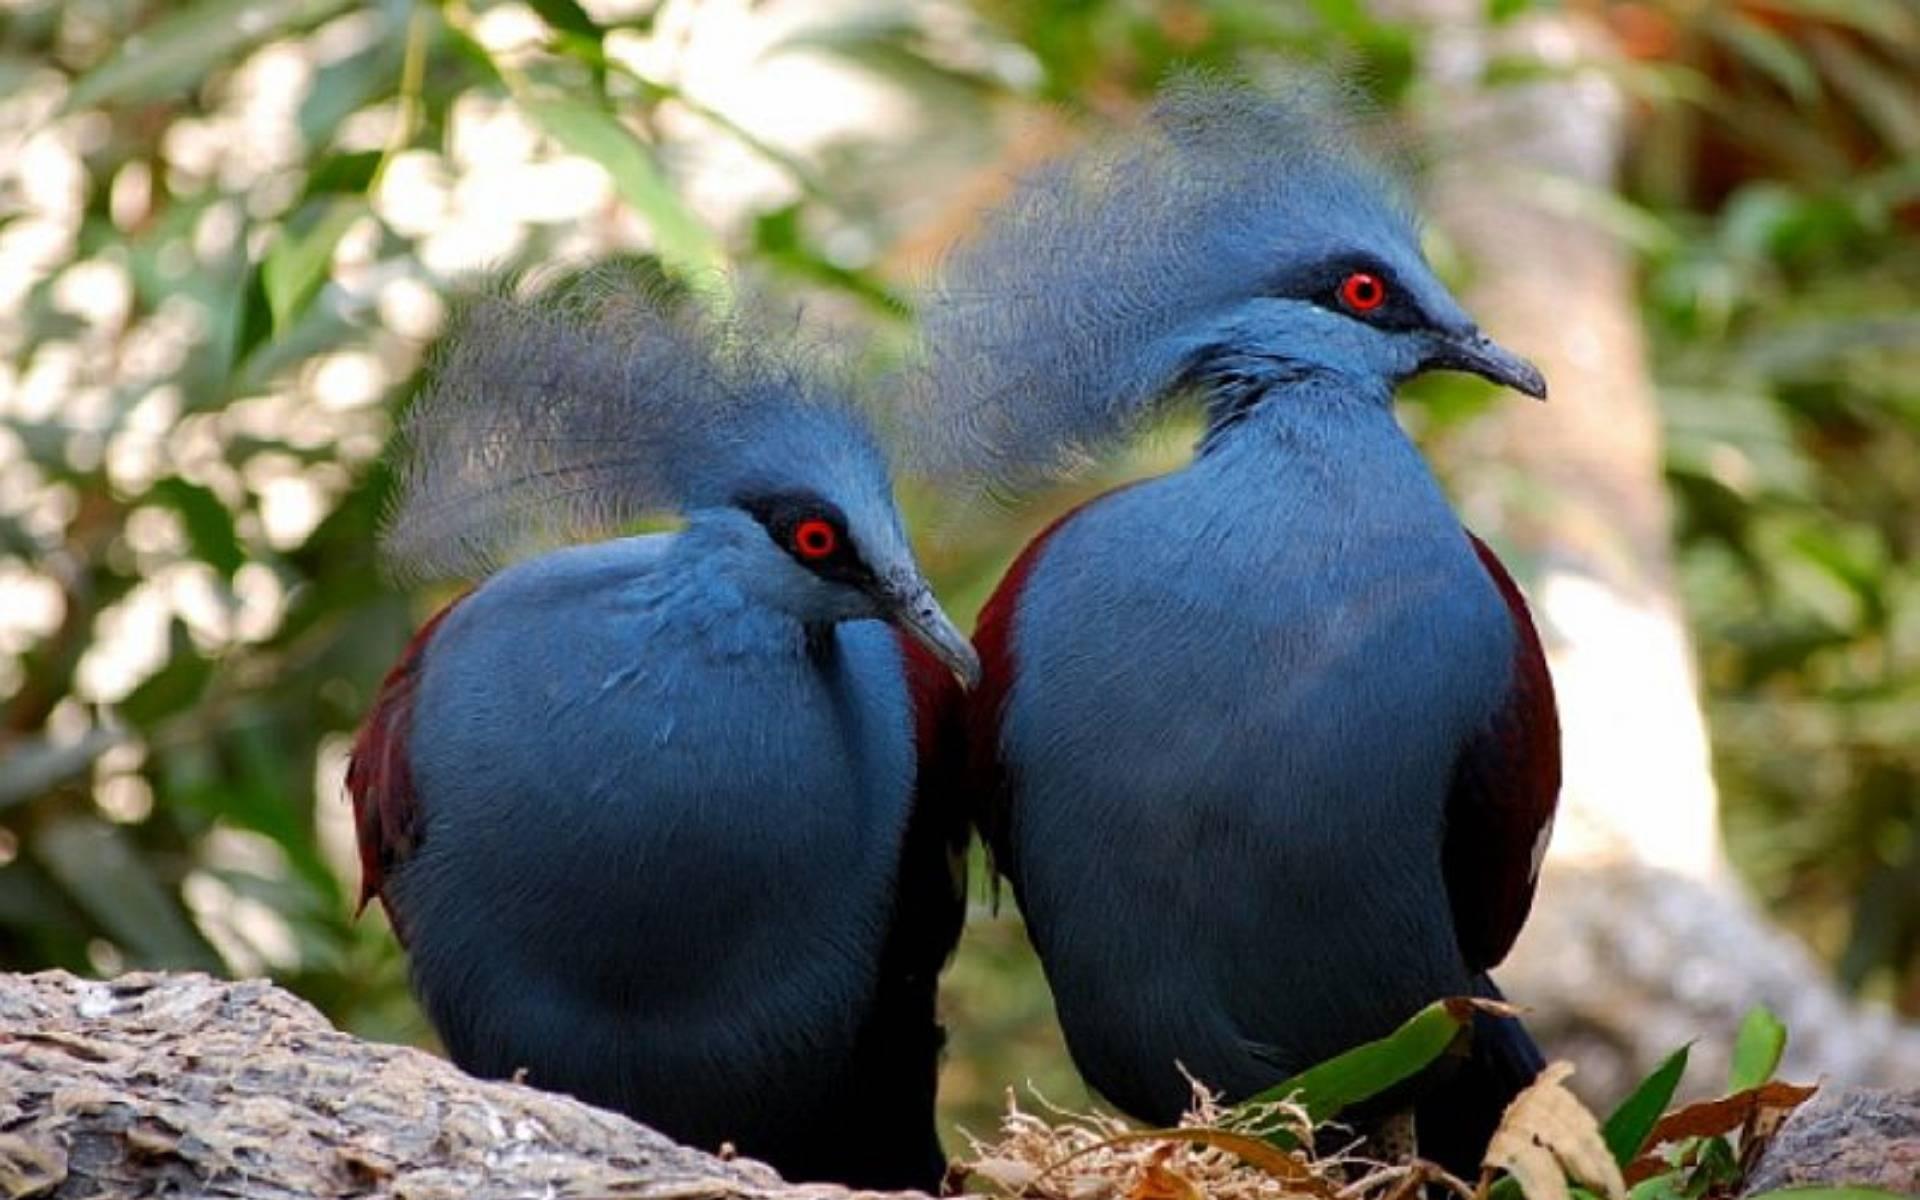 Обзор венценосной породы голубей, их описание и фото обзор венценосной породы голубей, их описание и фото